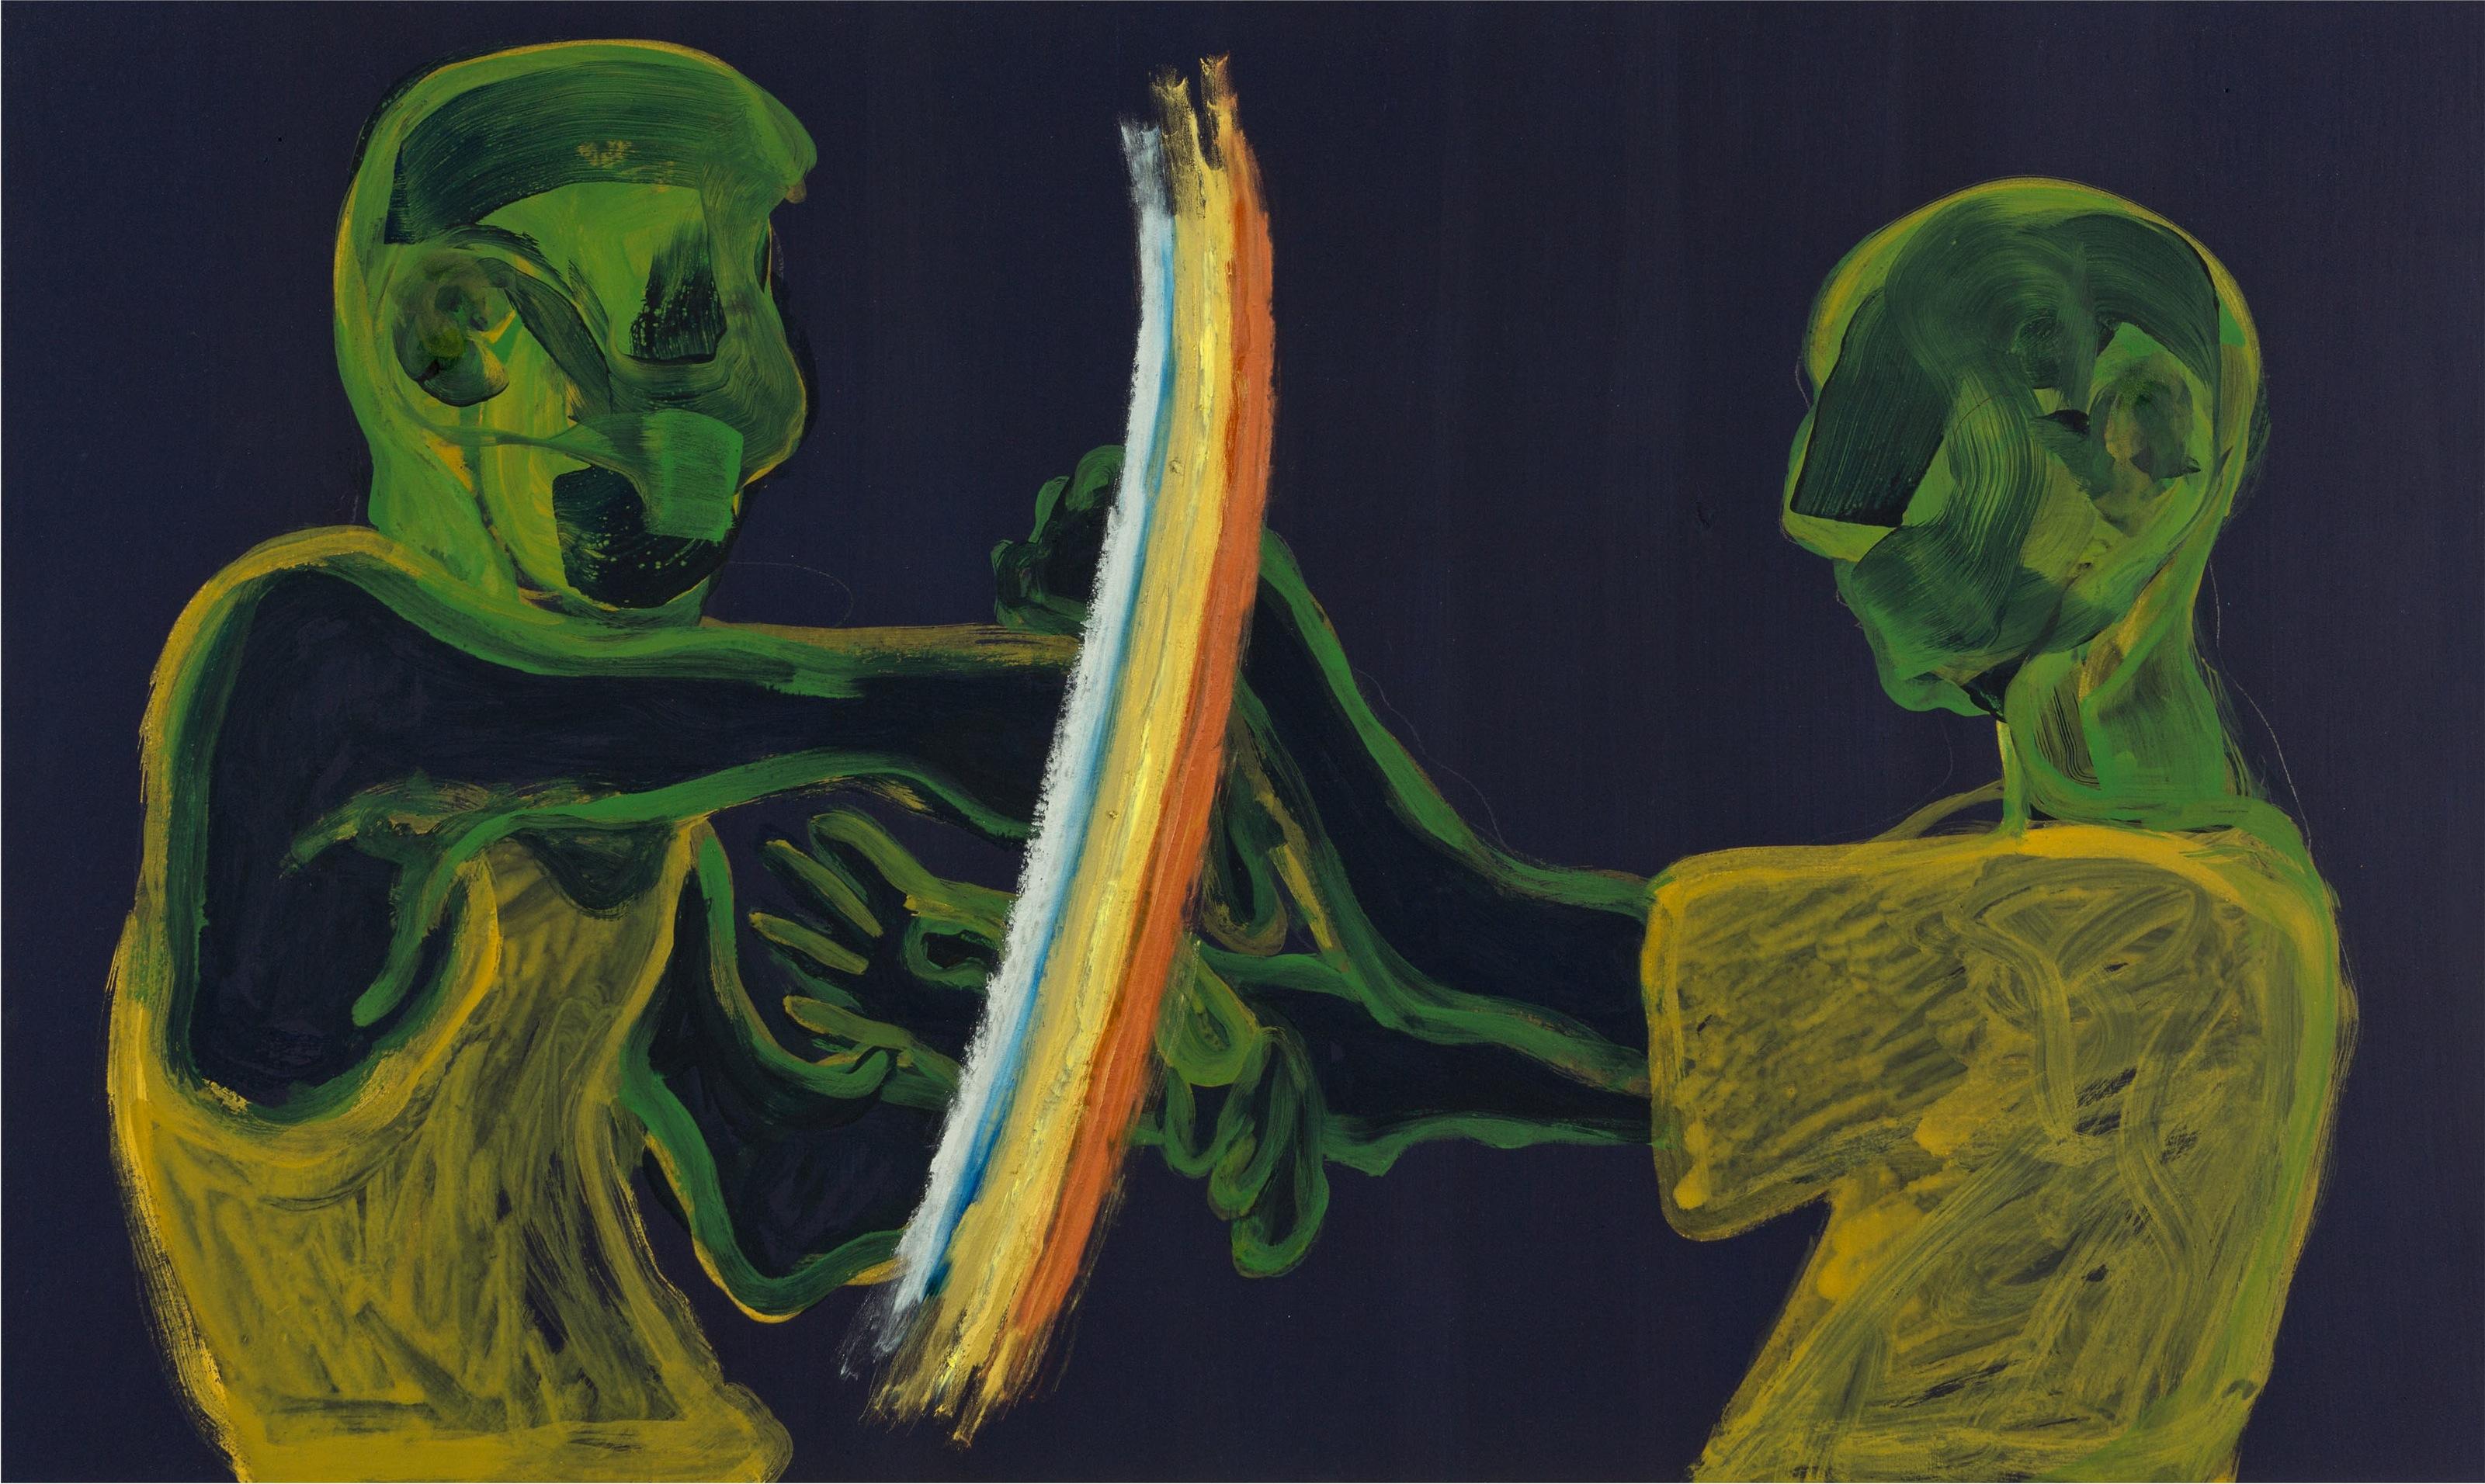 """Matteo Fato, """"Senza titolo con quattro mani"""", olio e preparazione a pigmento su tavola, 60x100cm, mensola in MDF, 2013"""